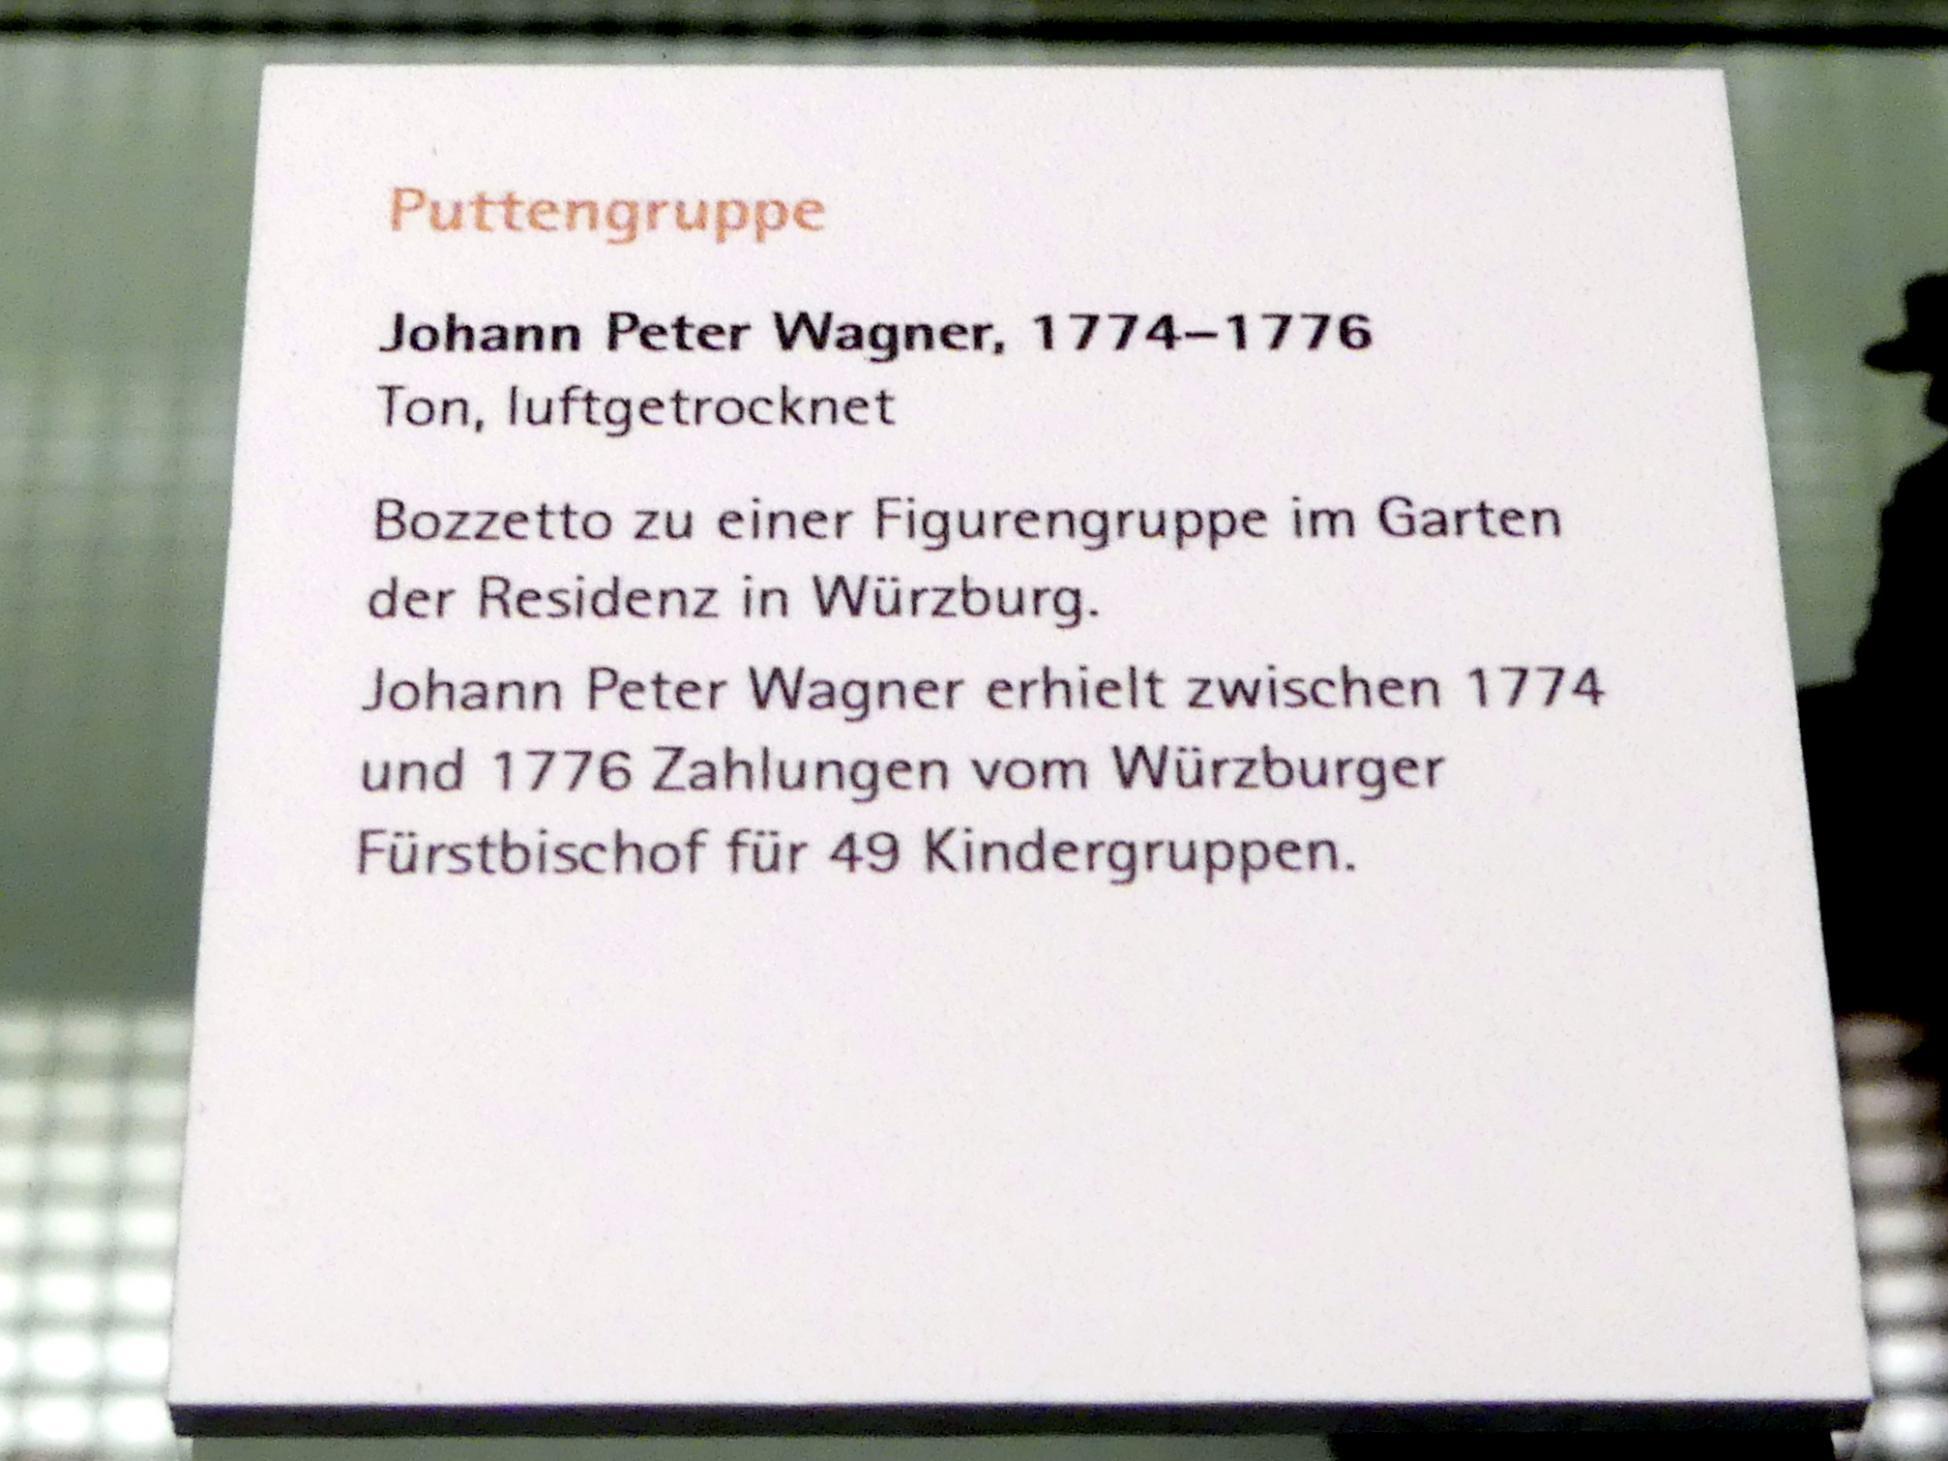 Johann Peter Wagner: Bozzetto zu einer der Puttengruppen der nördlichen Wallbalustrade im Garten der Würzburger Residenz, 1774 - 1776